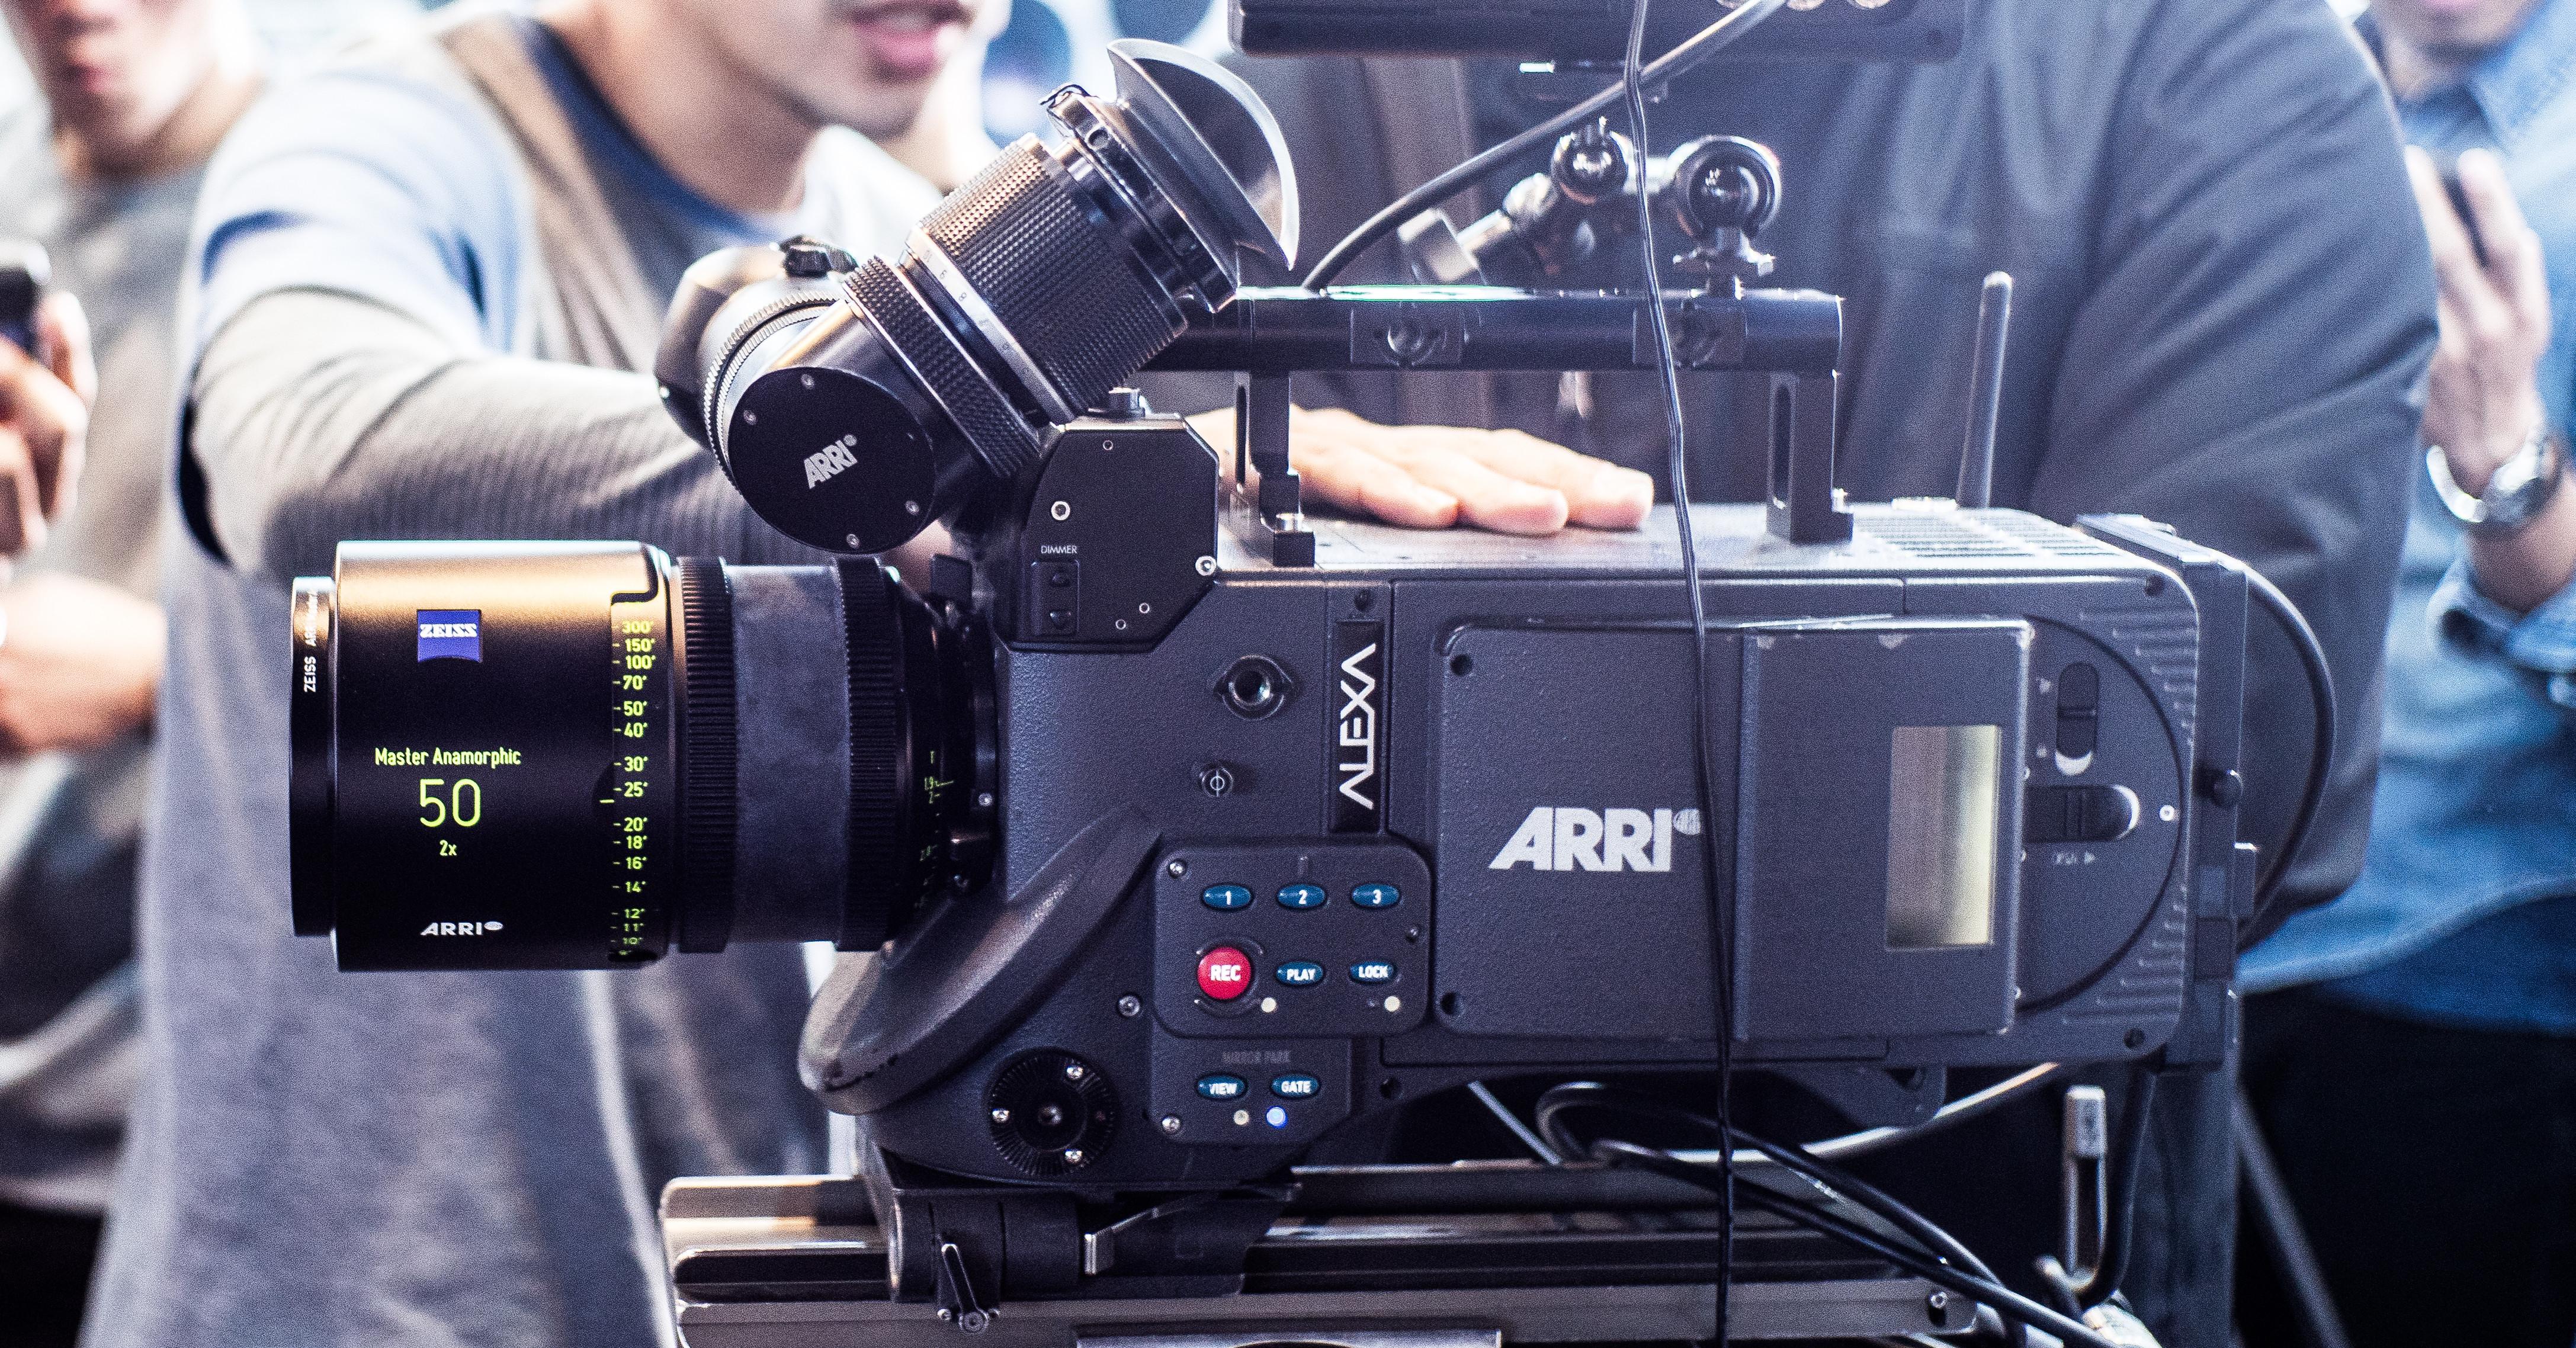 是就是這台拍出鋼鐵人!!原來好萊塢在用的電影攝影機藏了這麼多不為人知的秘密...這篇文章的首圖